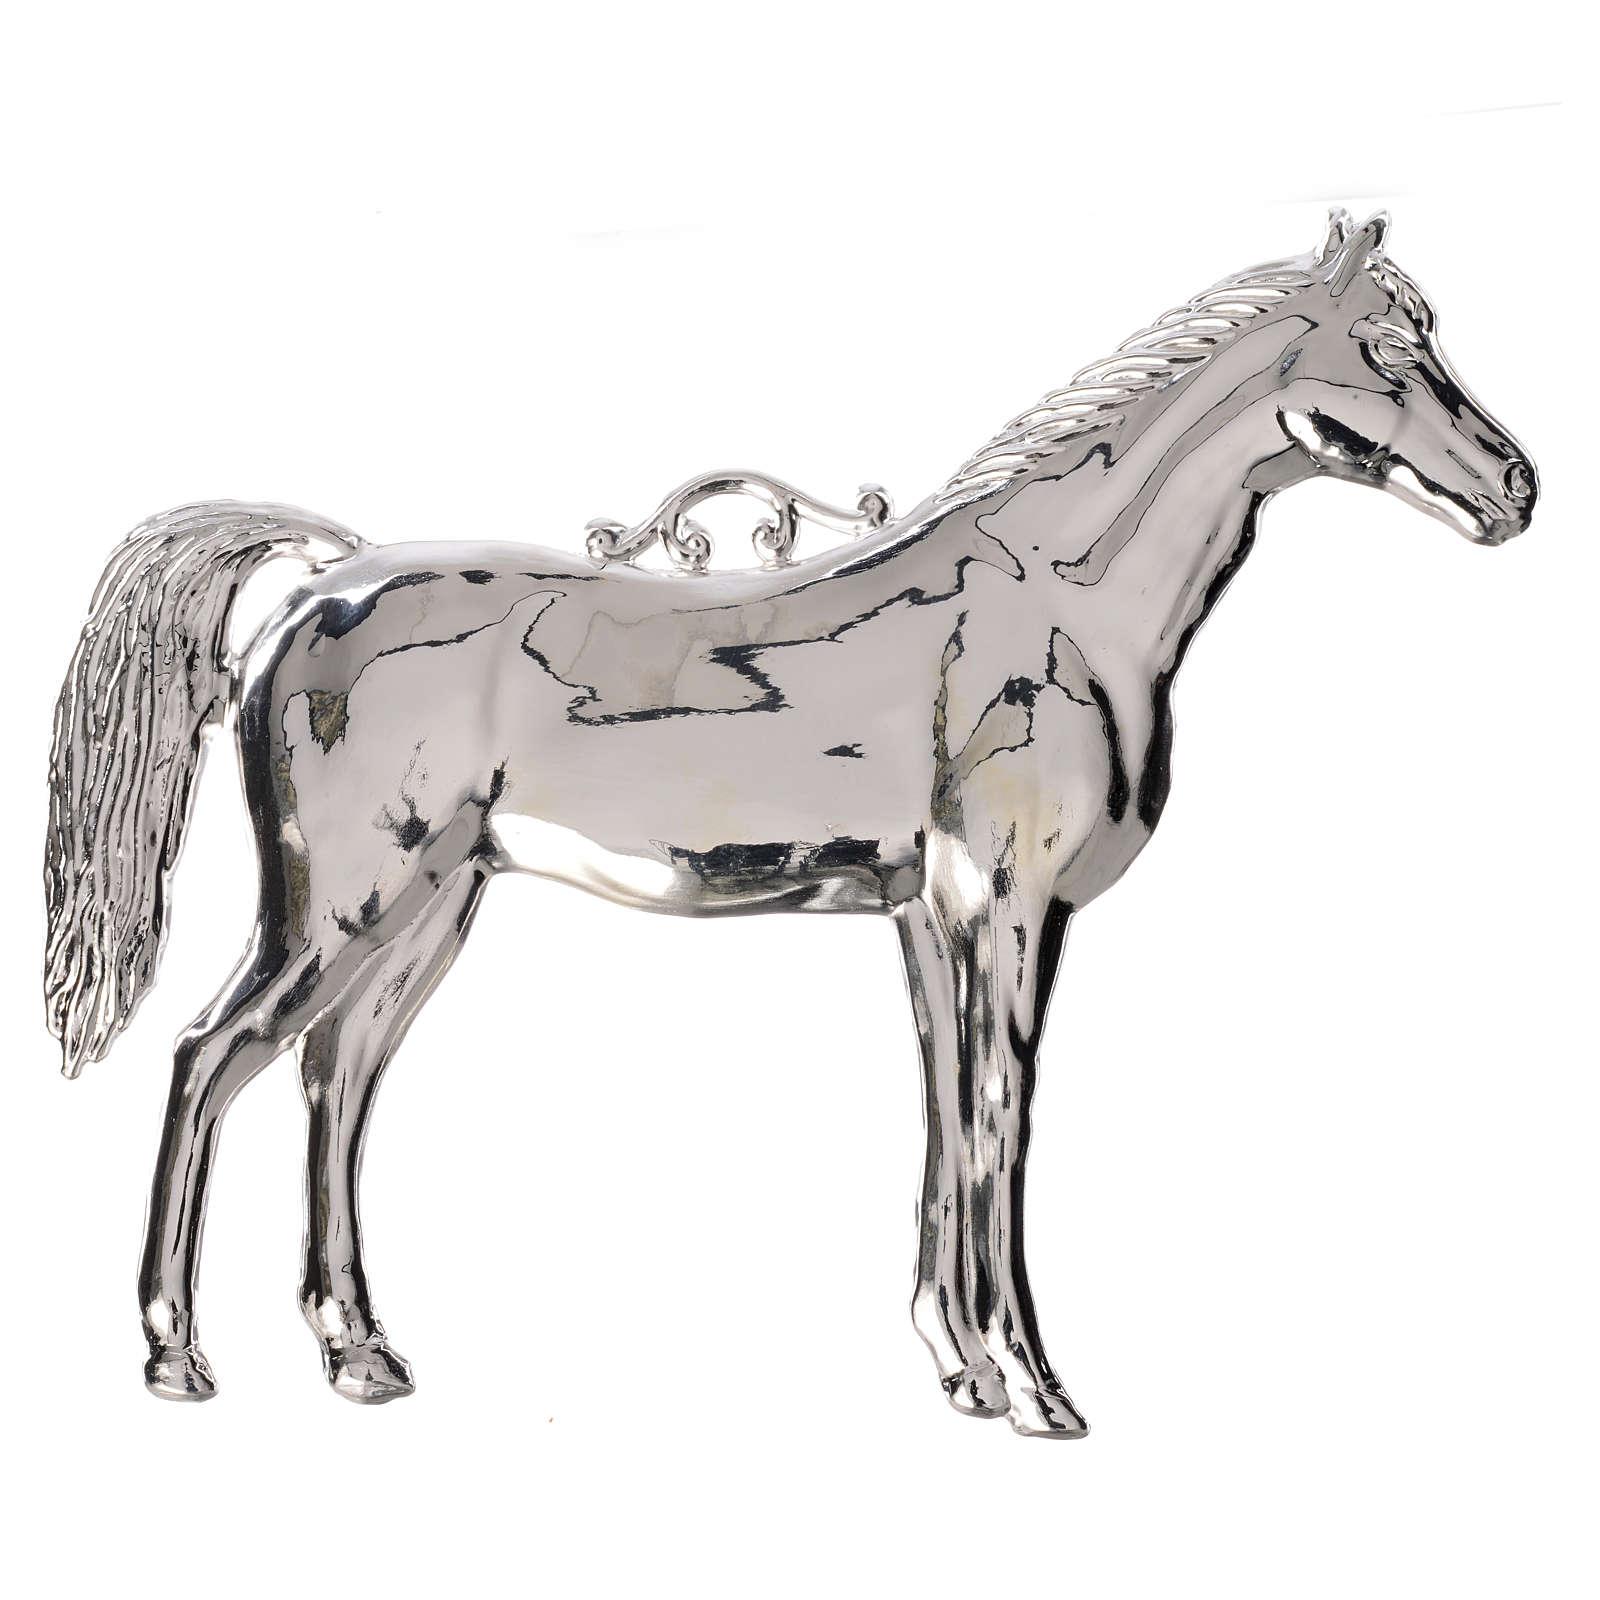 Ex voto cheval en argent 925 ou métal 14x17 cm 3